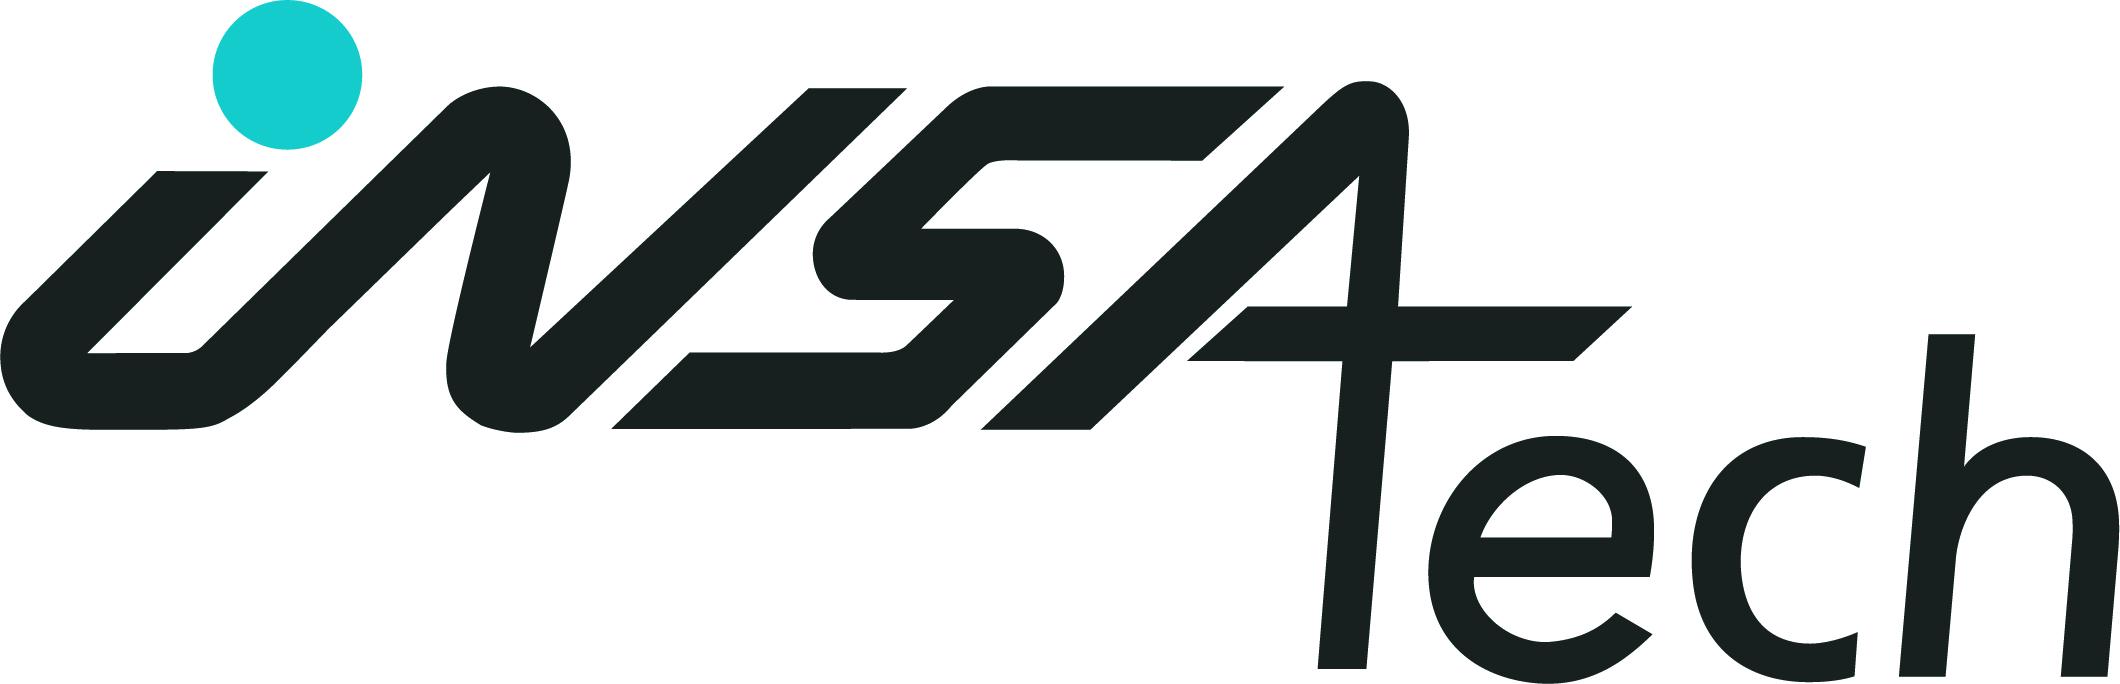 Insatech_Logo_2018.jpg